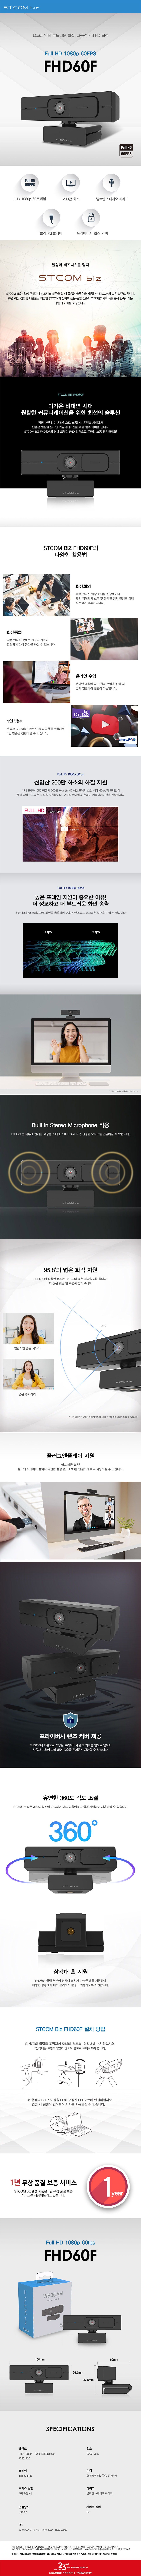 STCOM biz FHD60F 웹캠